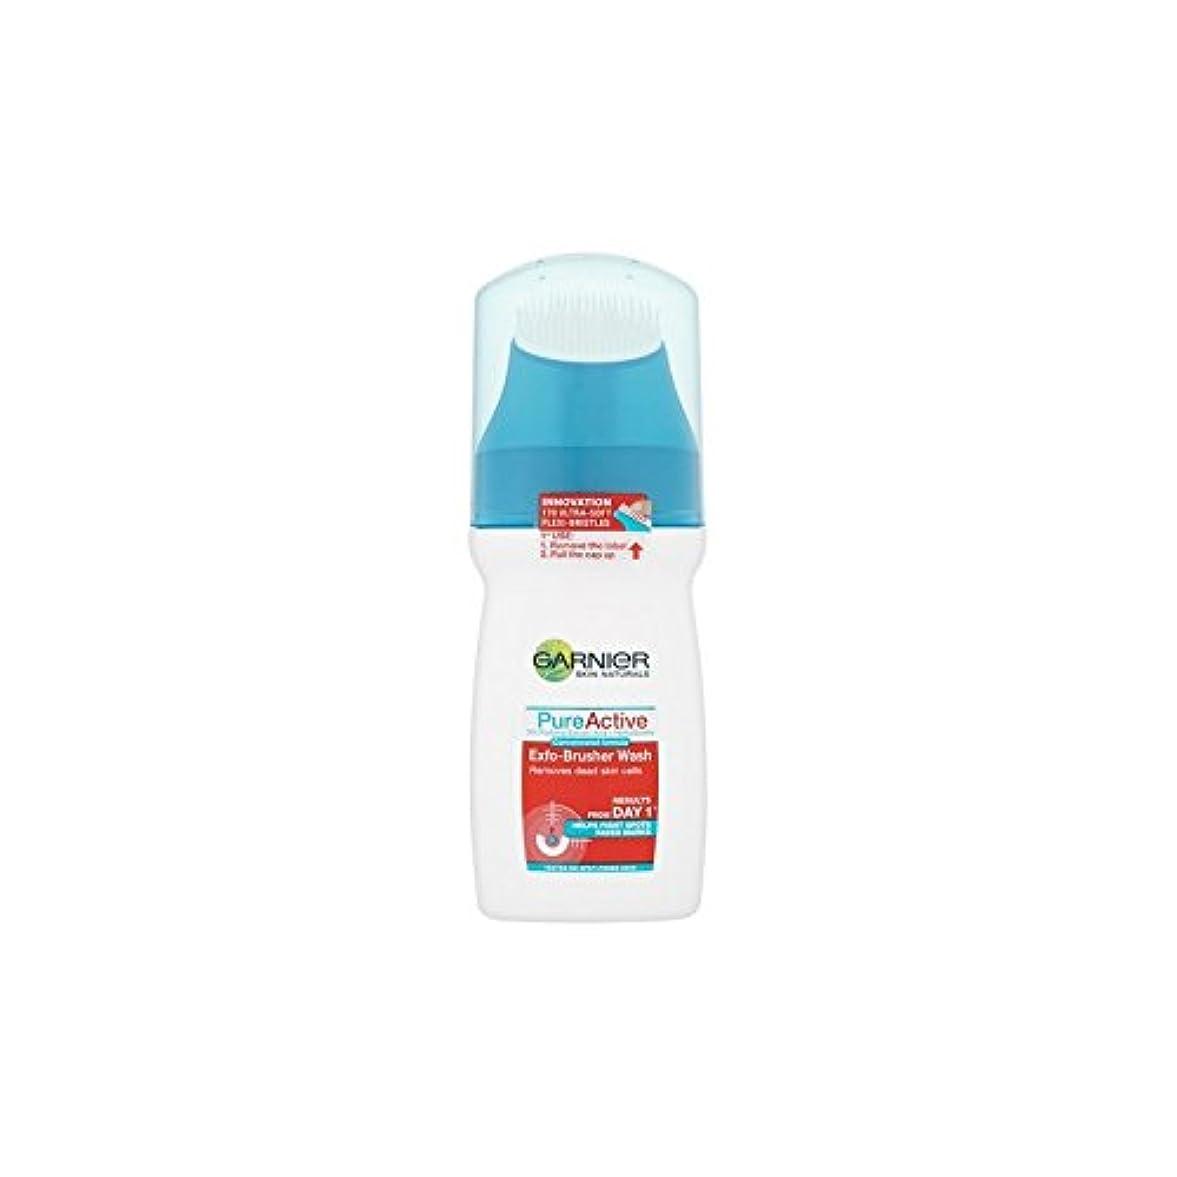 バーマド愛されし者終わらせるガルニエ純粋な活性-ブラッシャーの洗顔(150ミリリットル) x4 - Garnier Pure Active Exfo-Brusher Face Wash (150ml) (Pack of 4) [並行輸入品]